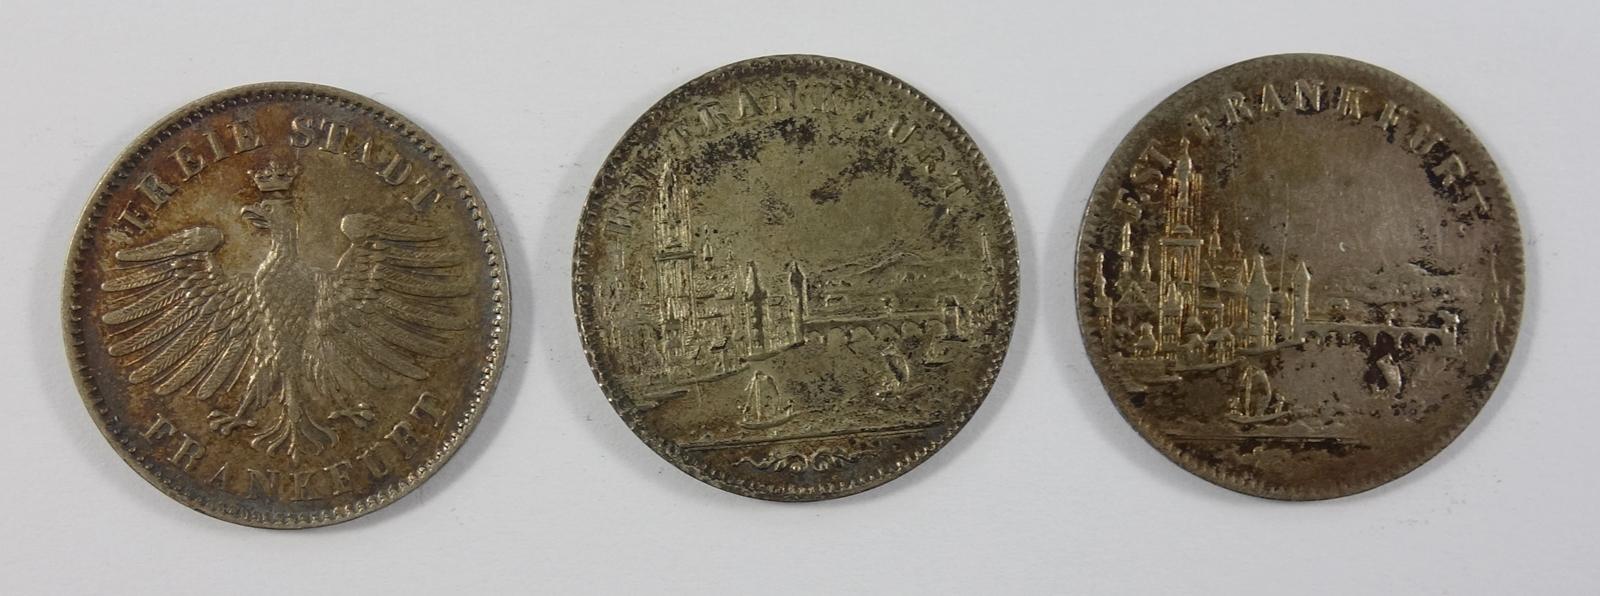 3 * 6 Kreuzer Freie Stadt Frankfurt, 1842, 1852 und 1856, ss3 * 6 Kreuzer Frankfurt, 1842, 1852